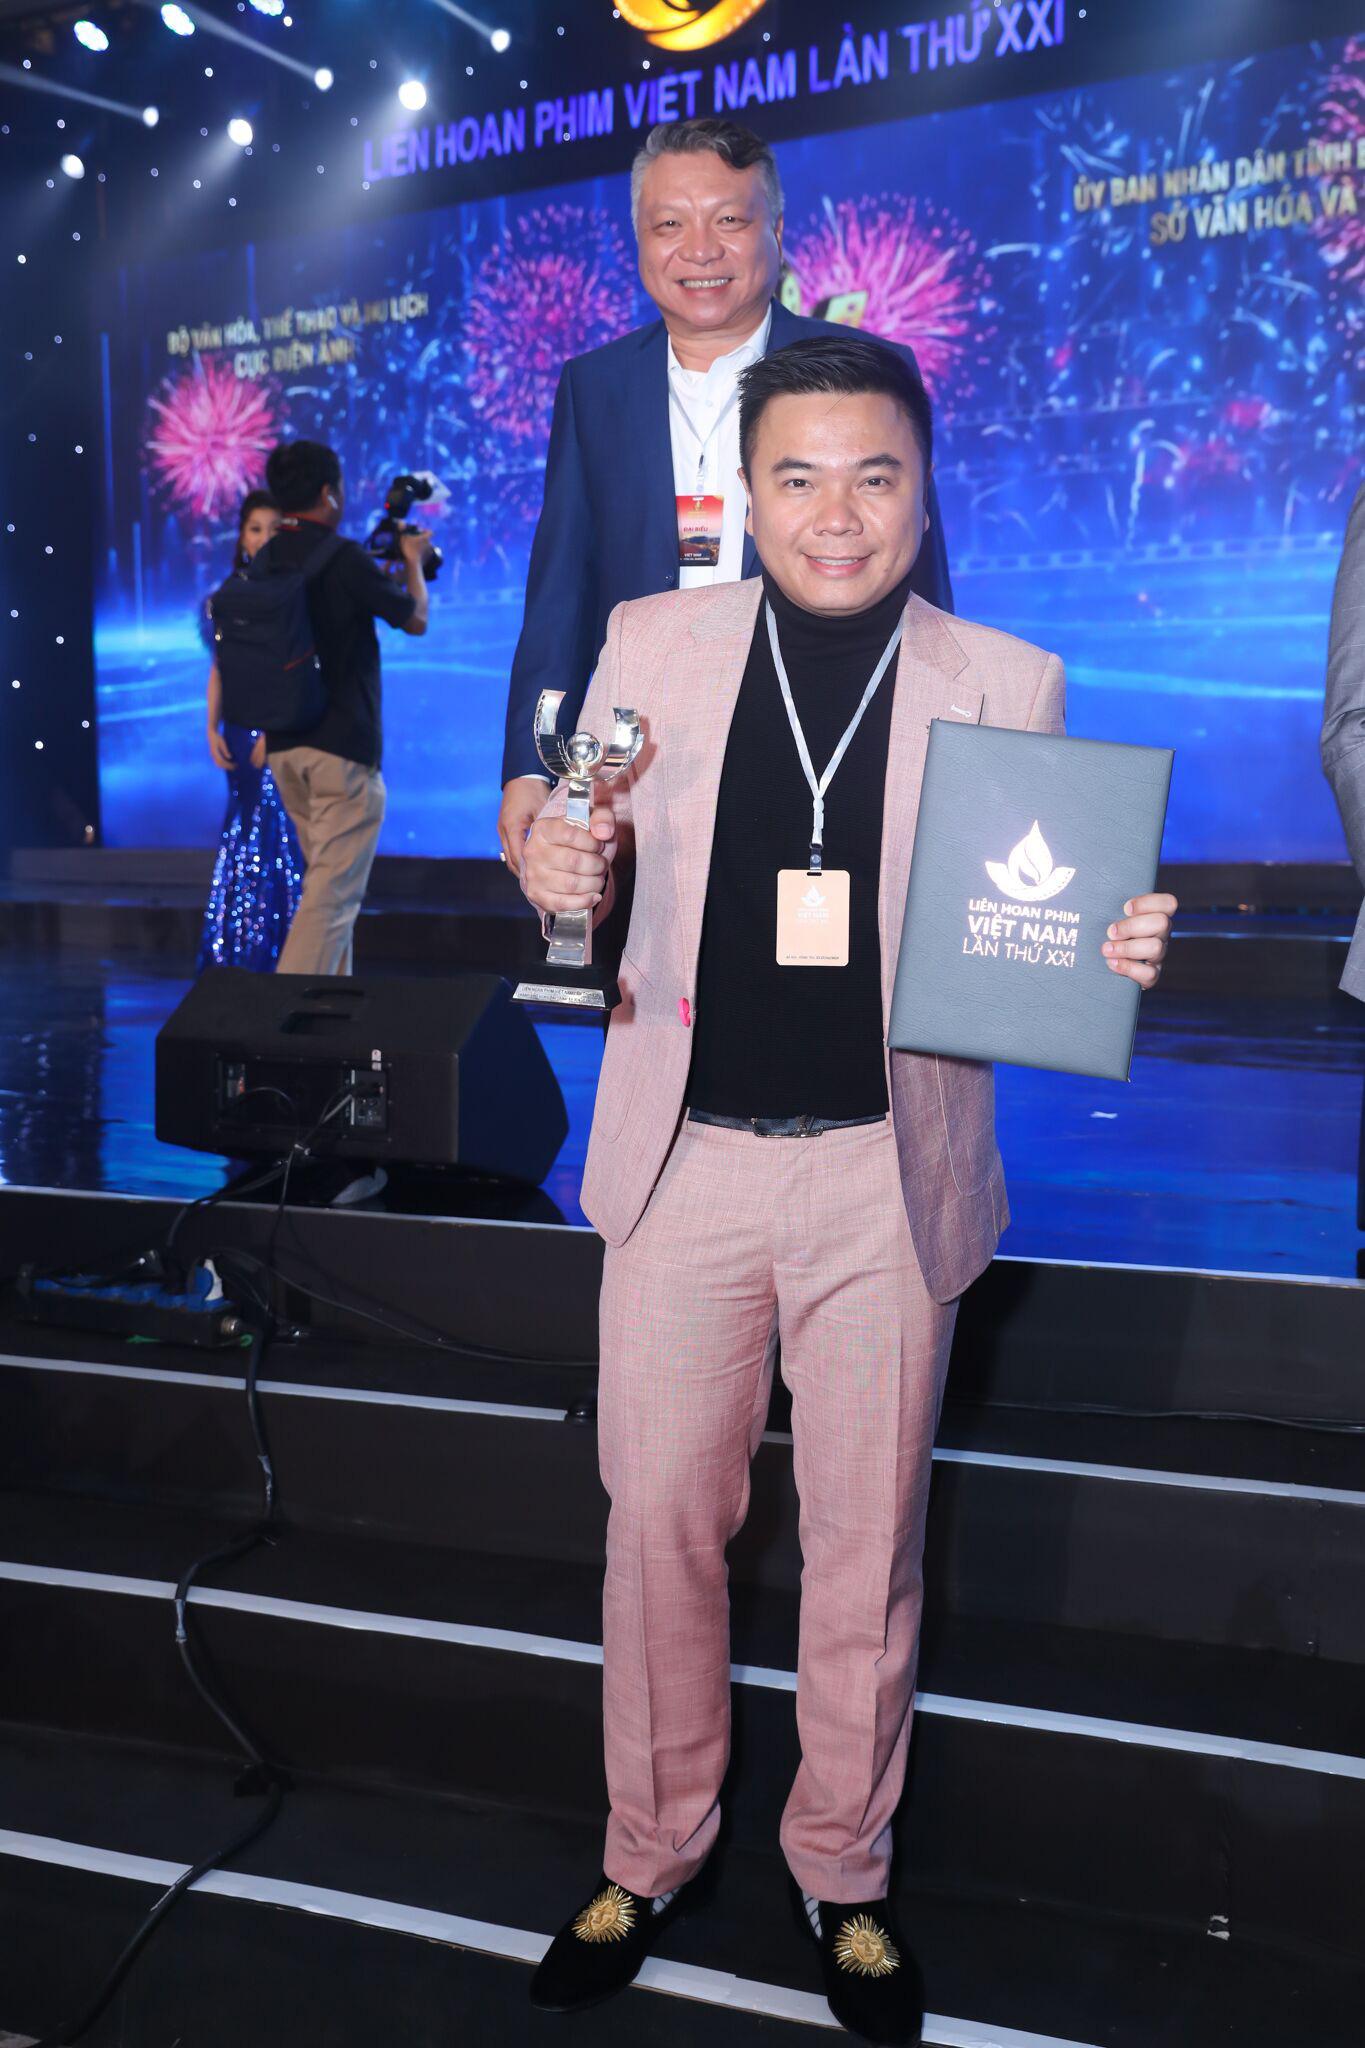 Đạo diễn Nhất Trung thắng giải Biên kịch xuất sắc nhất tại Liên hoan phim Việt Nam 2019 - Ảnh 3.